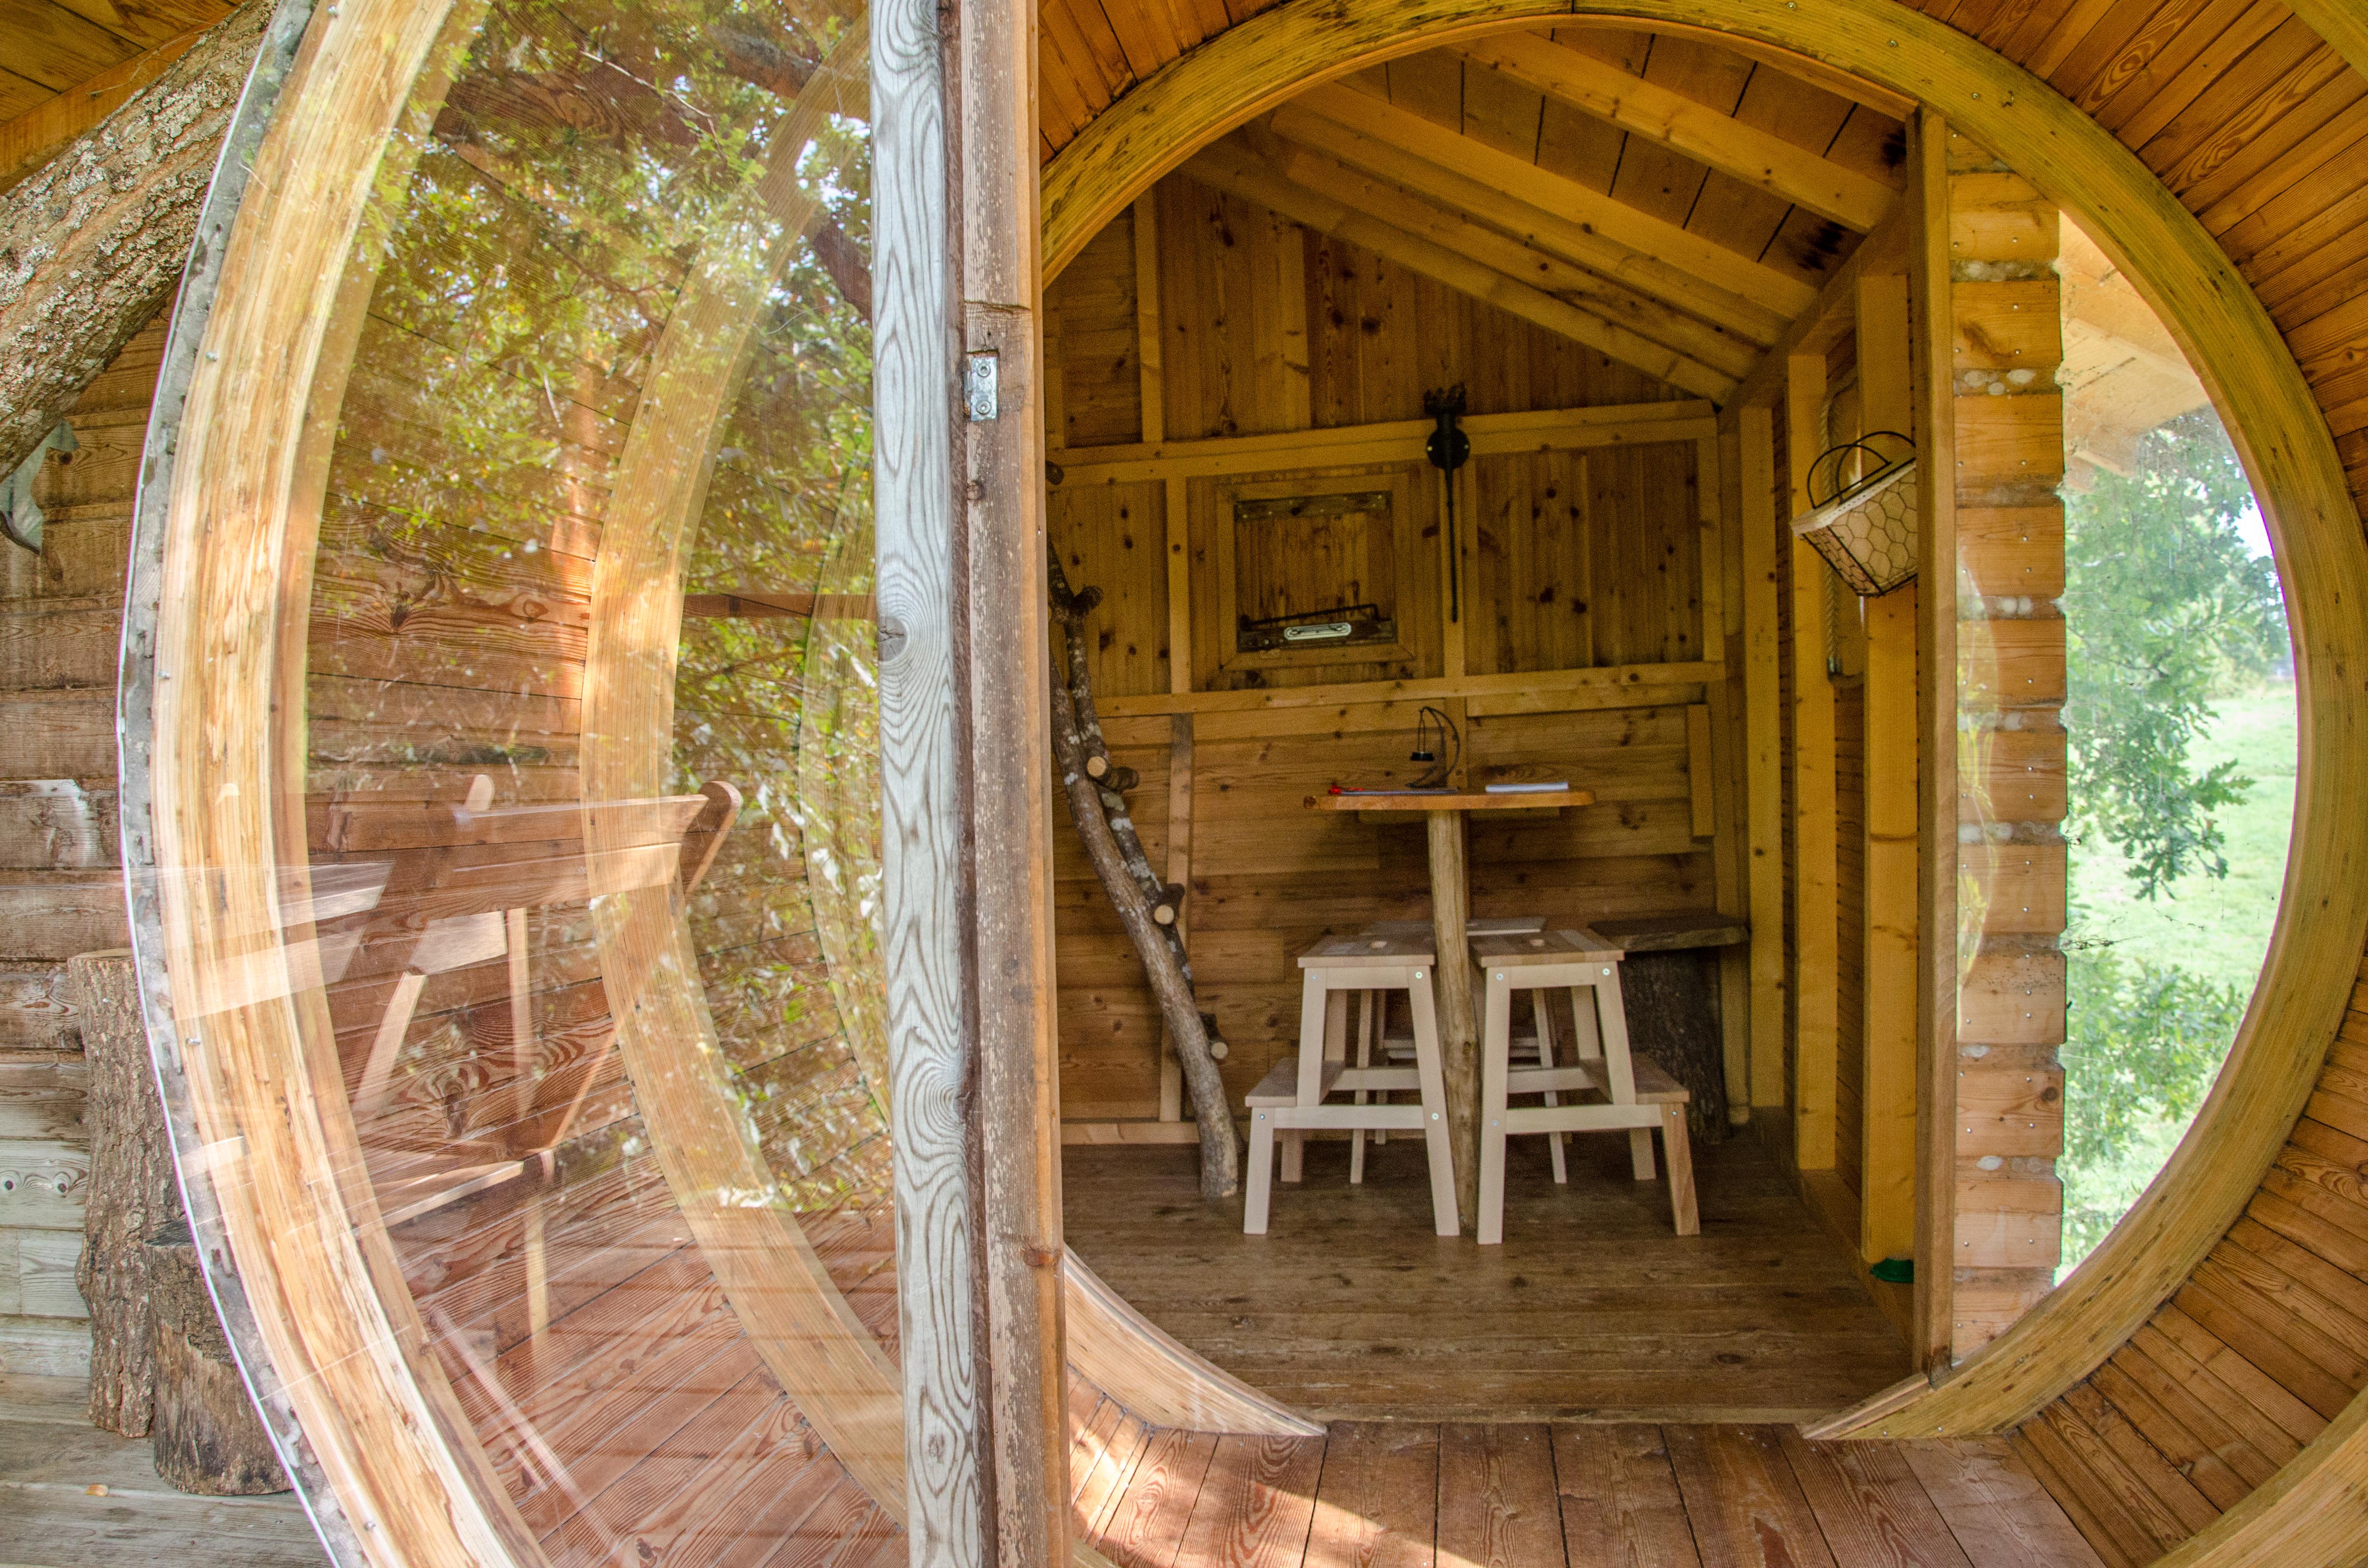 sejour-bretagne-dihan-cabane-hébergement-insolite